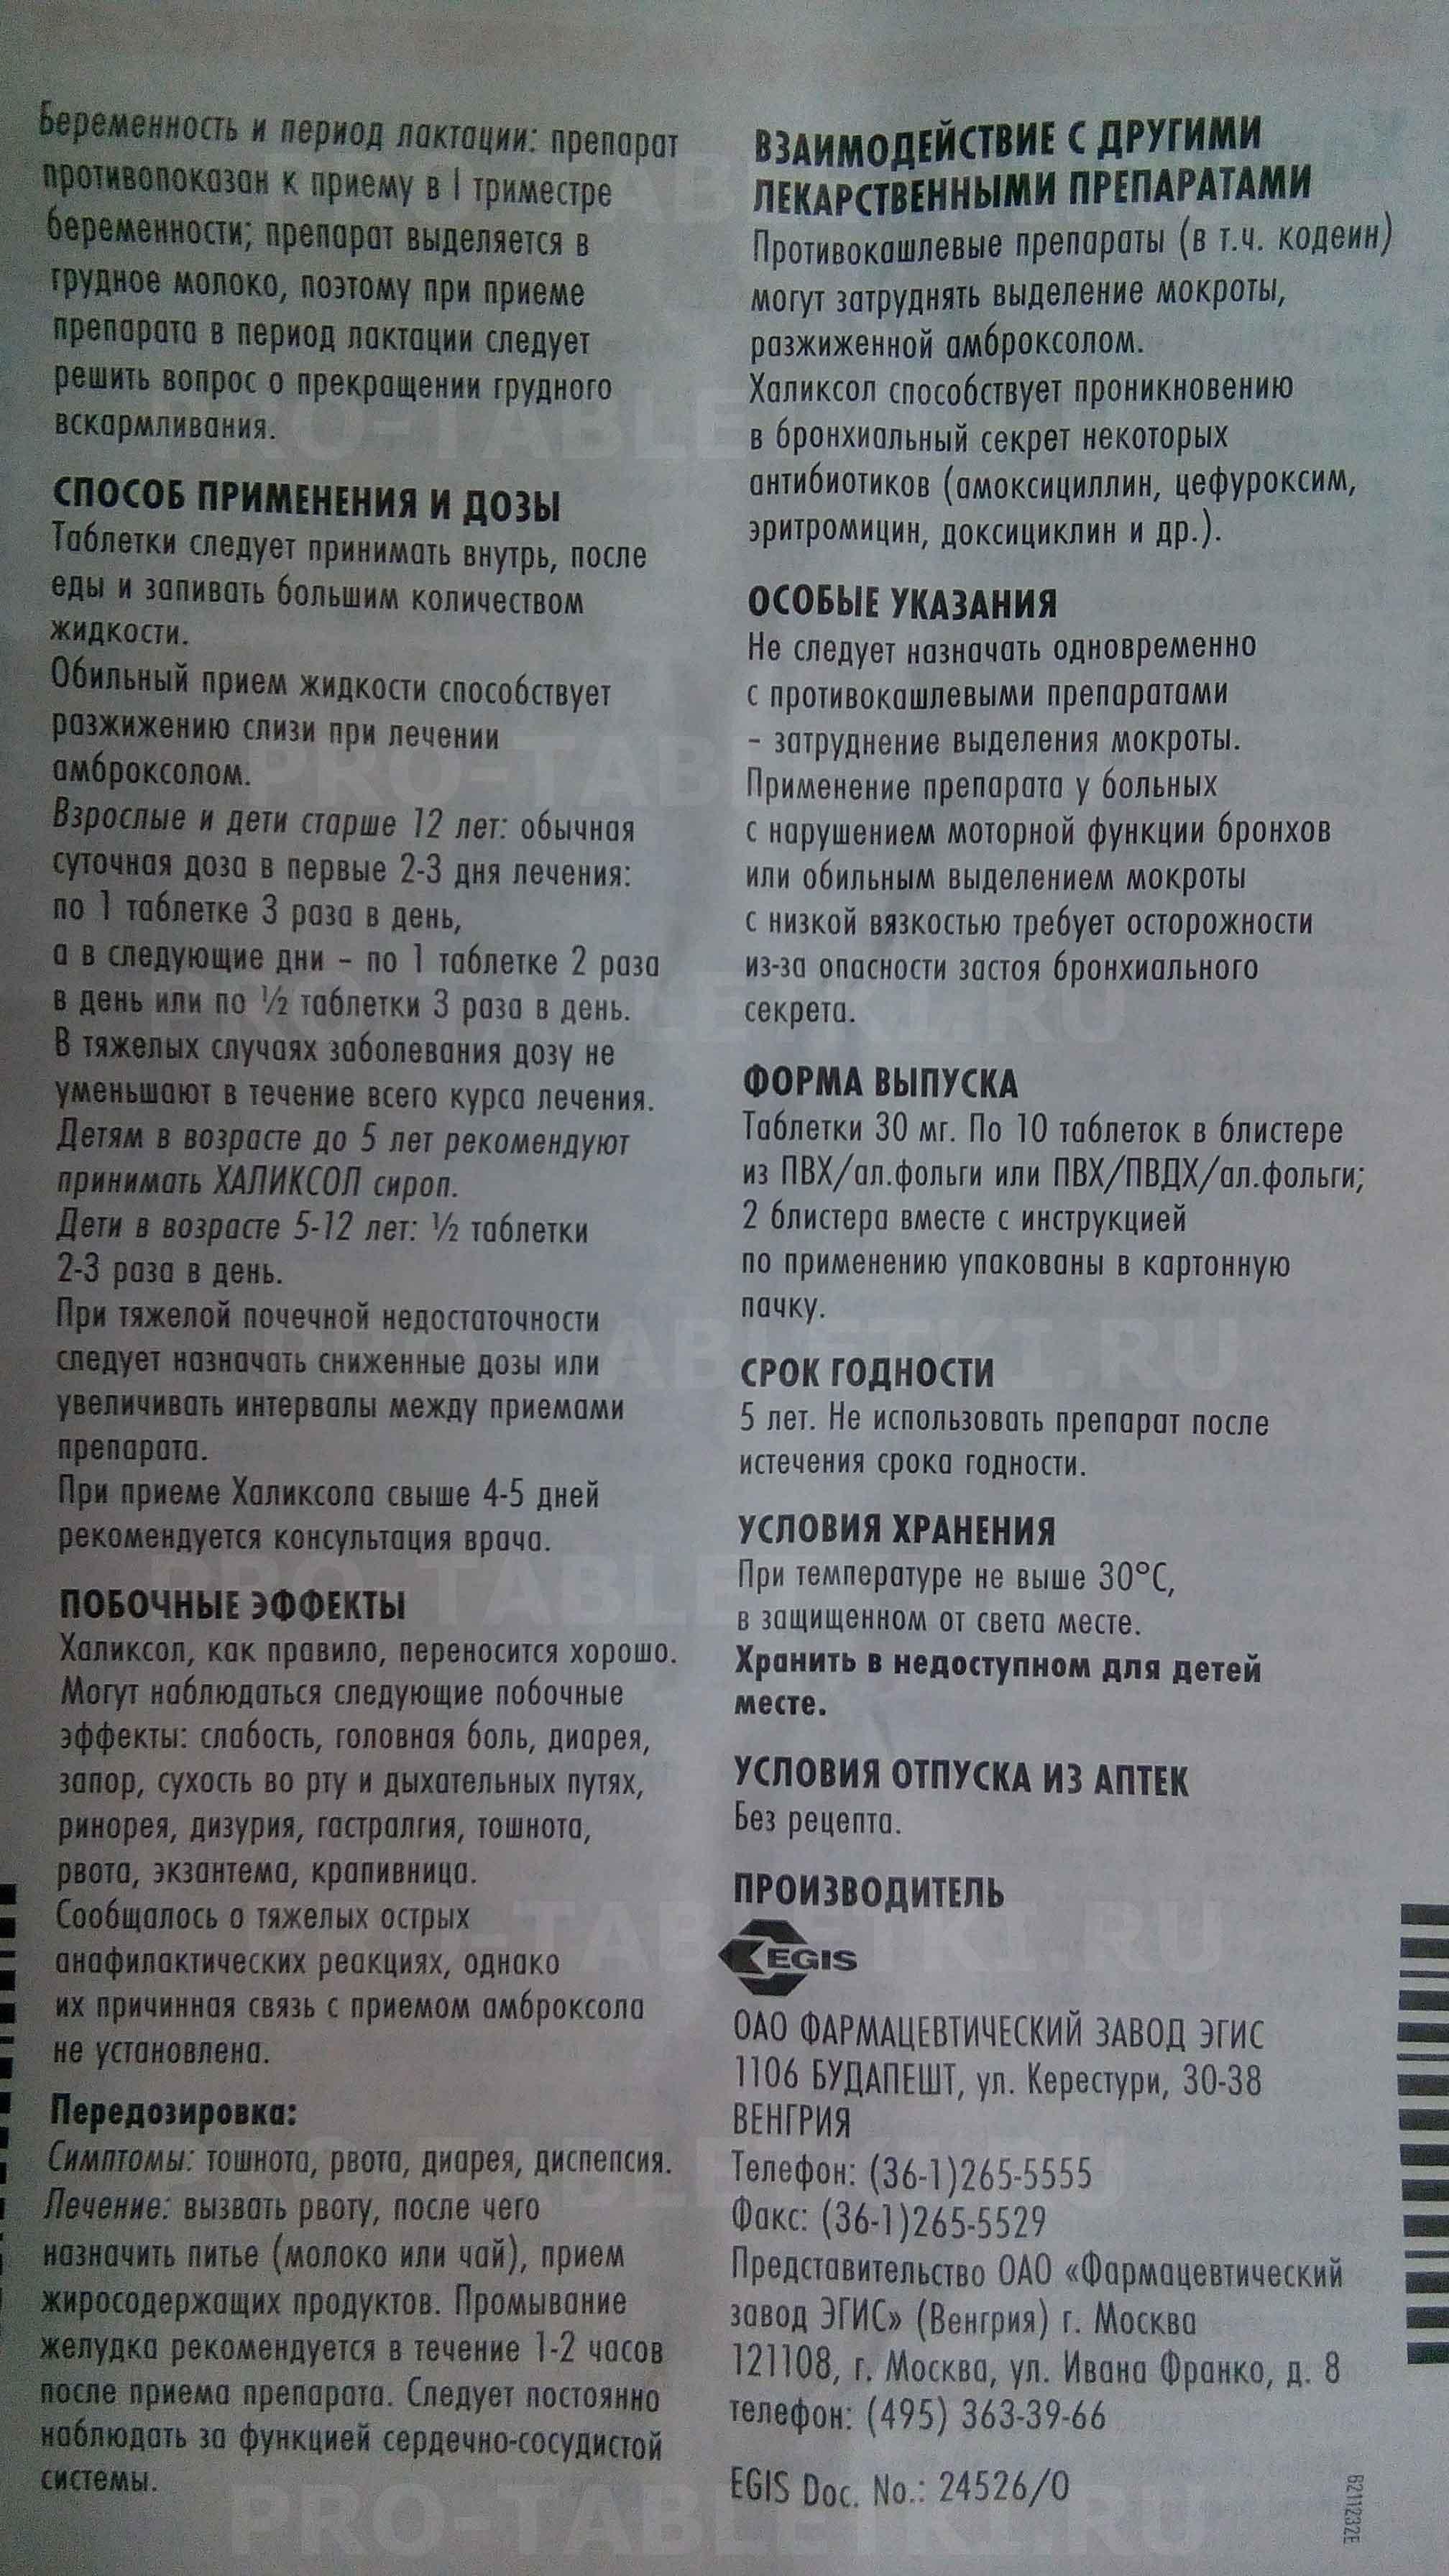 Ликопид для детей: инструкция по применению таблеток, аналоги препарата